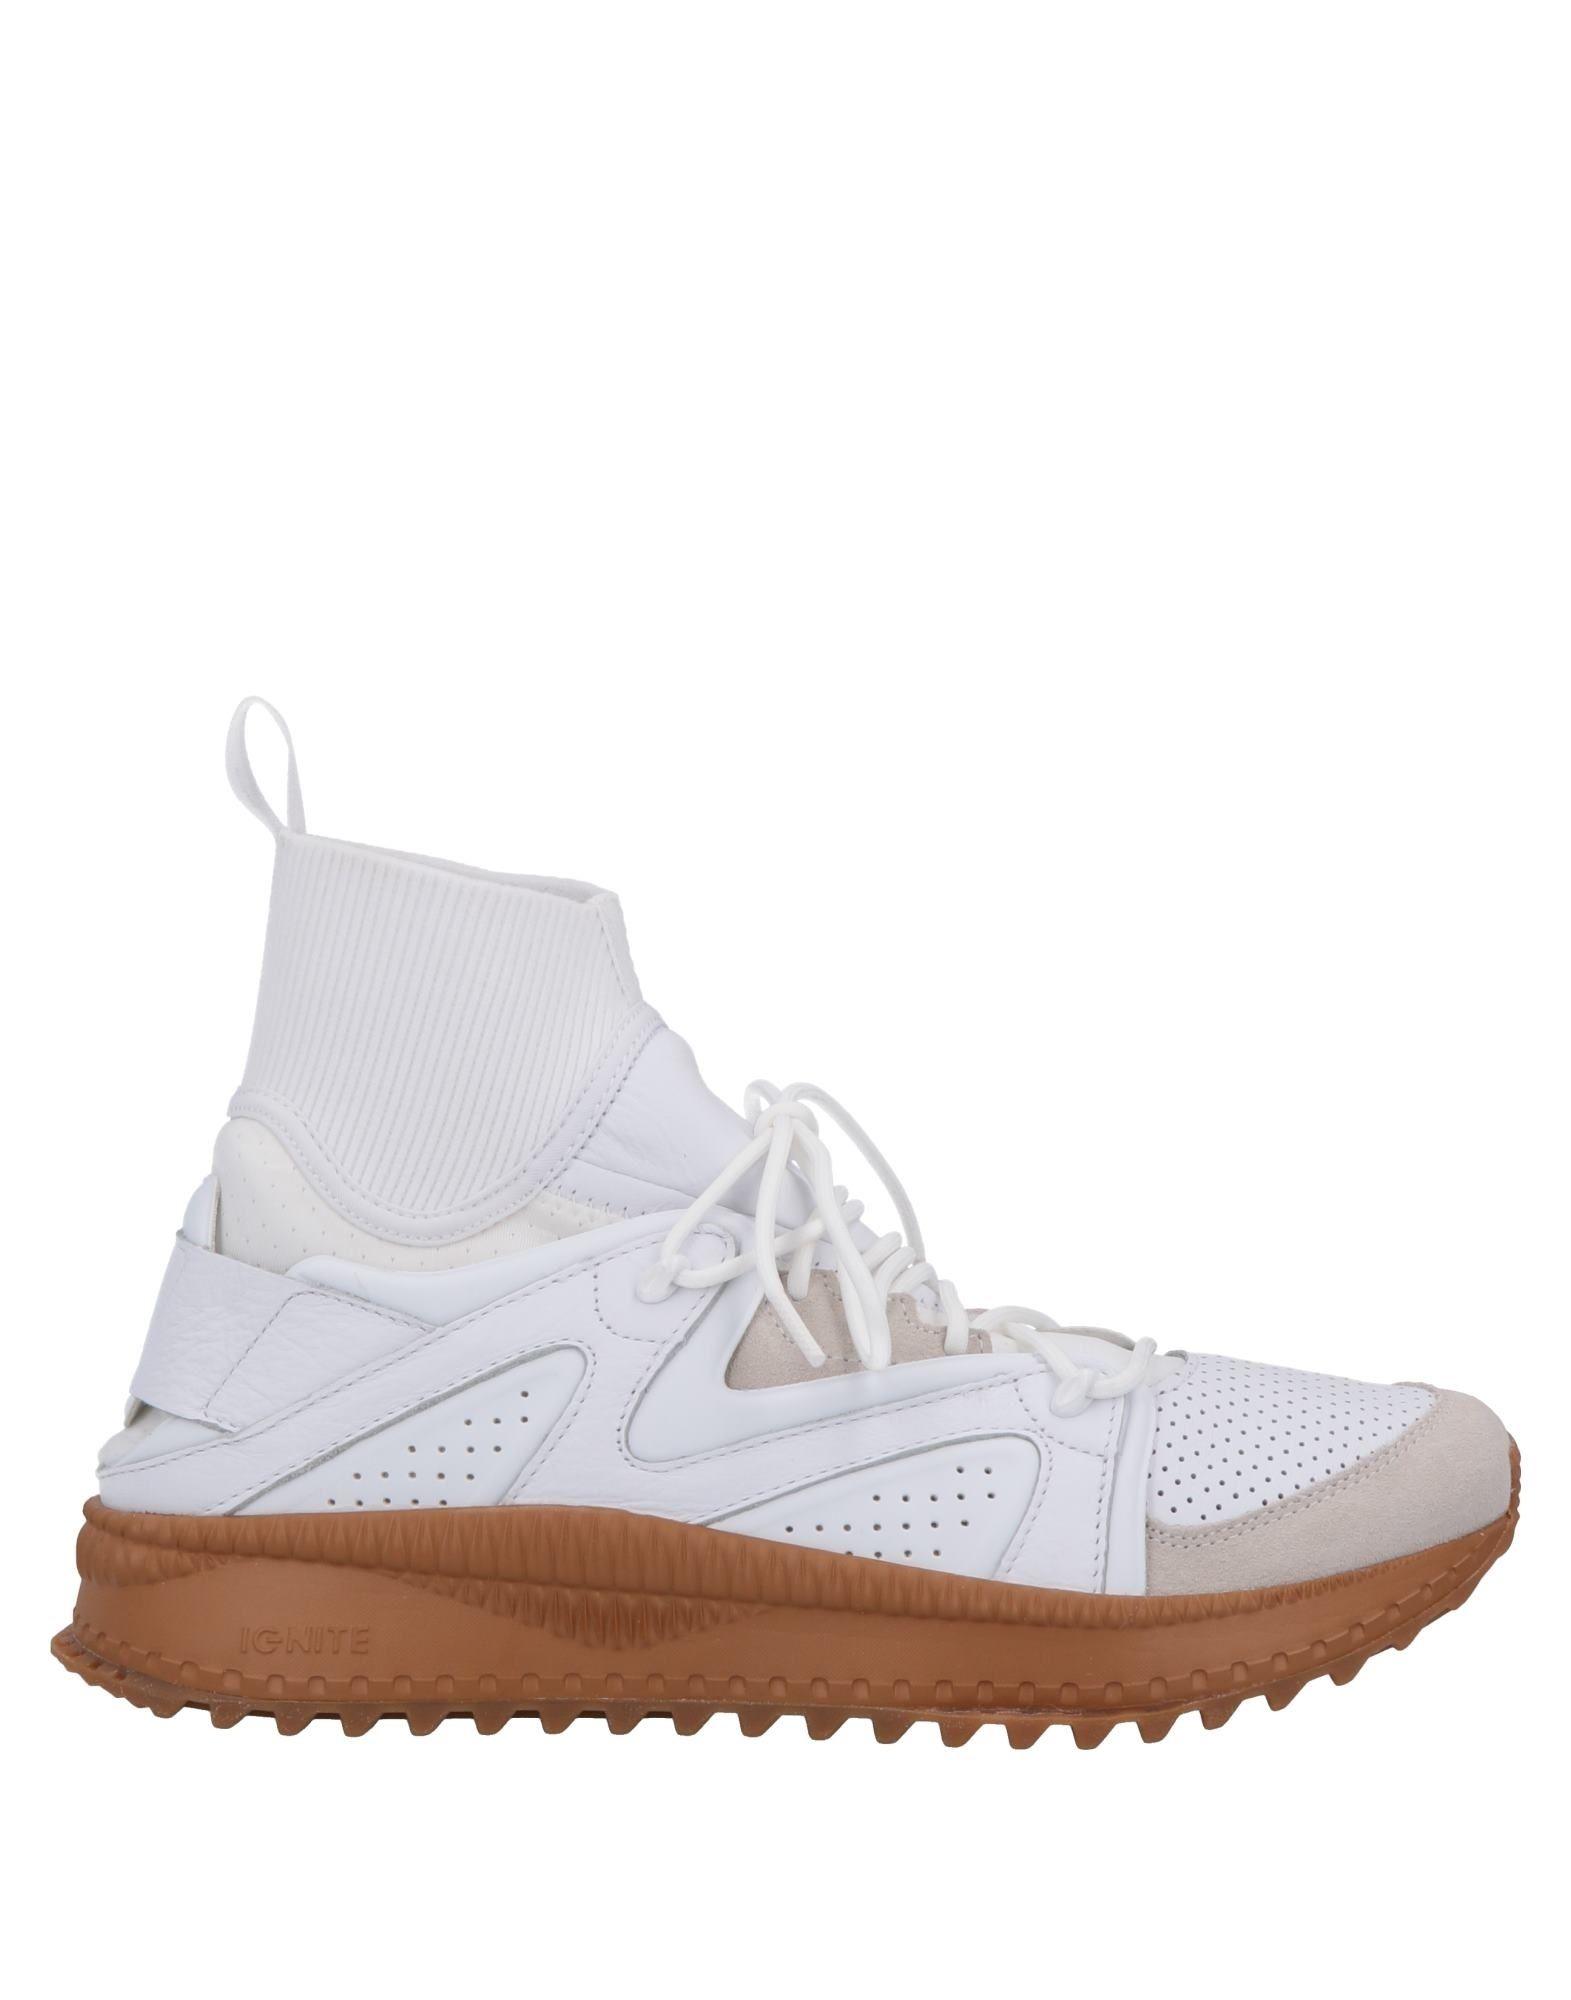 PUMA x HAN KJØBENHAVN Высокие кеды и кроссовки o x s высокие кеды и кроссовки